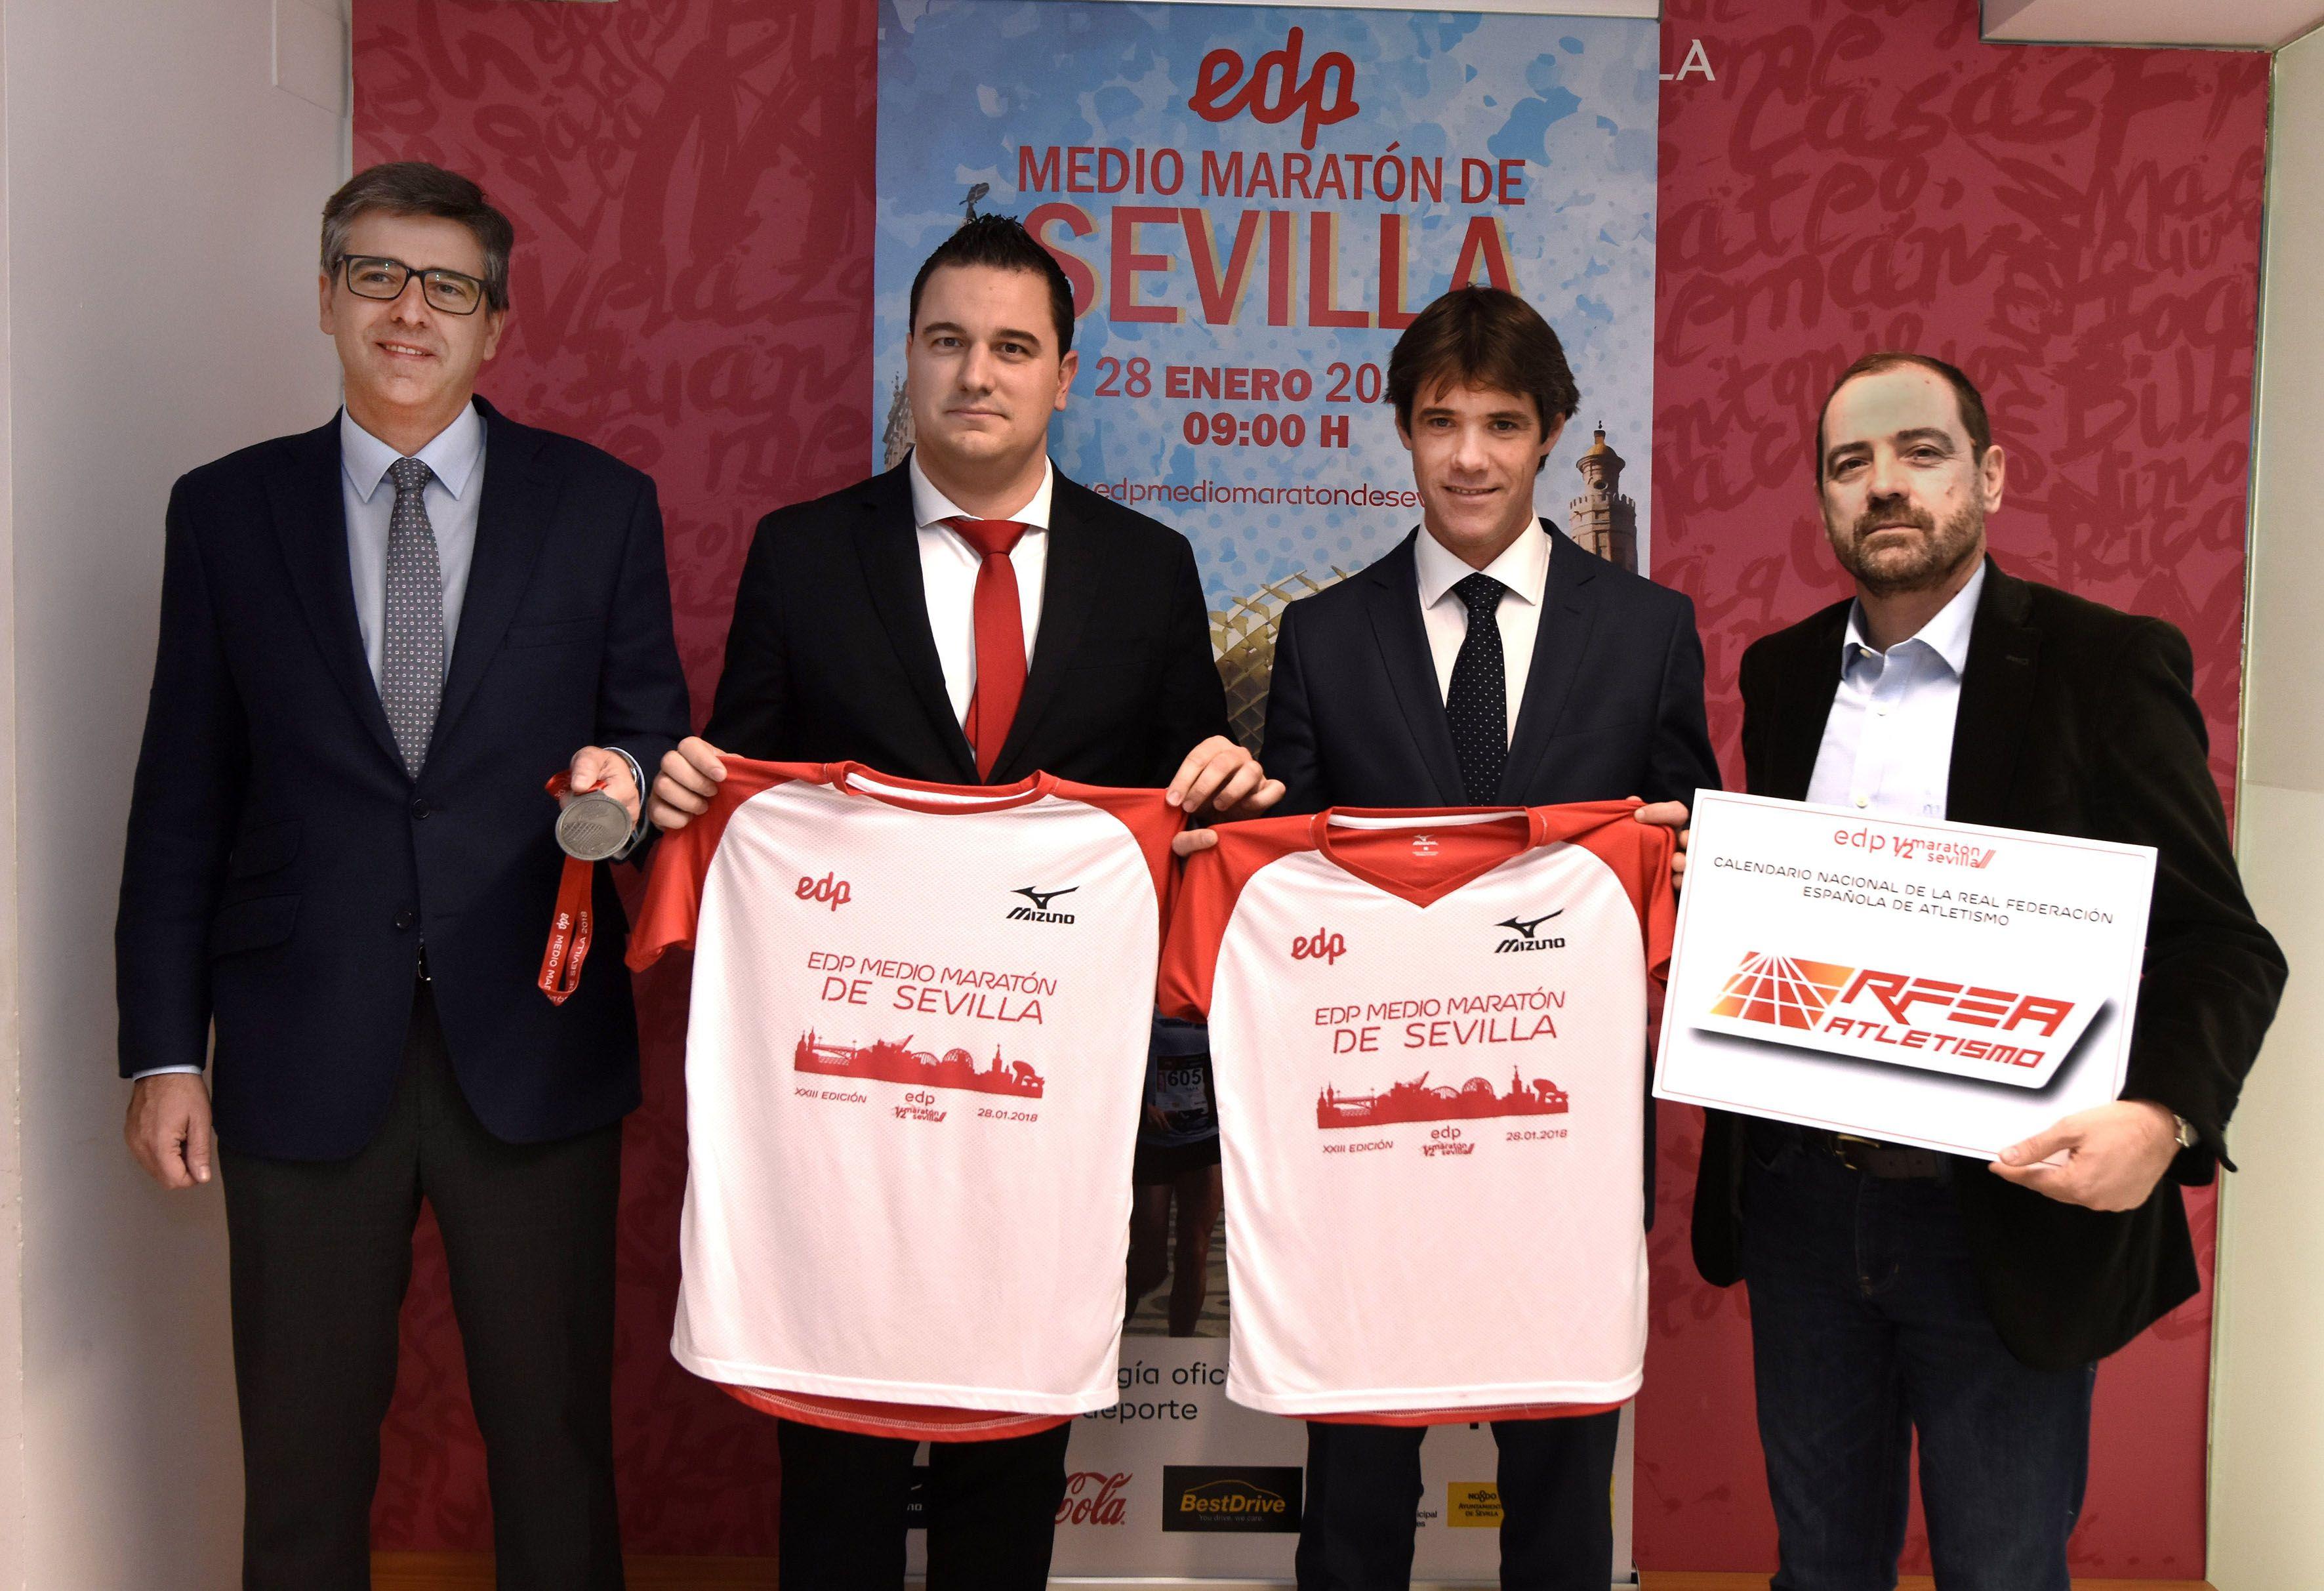 Presentado el EDP Medio Maratón de Sevilla